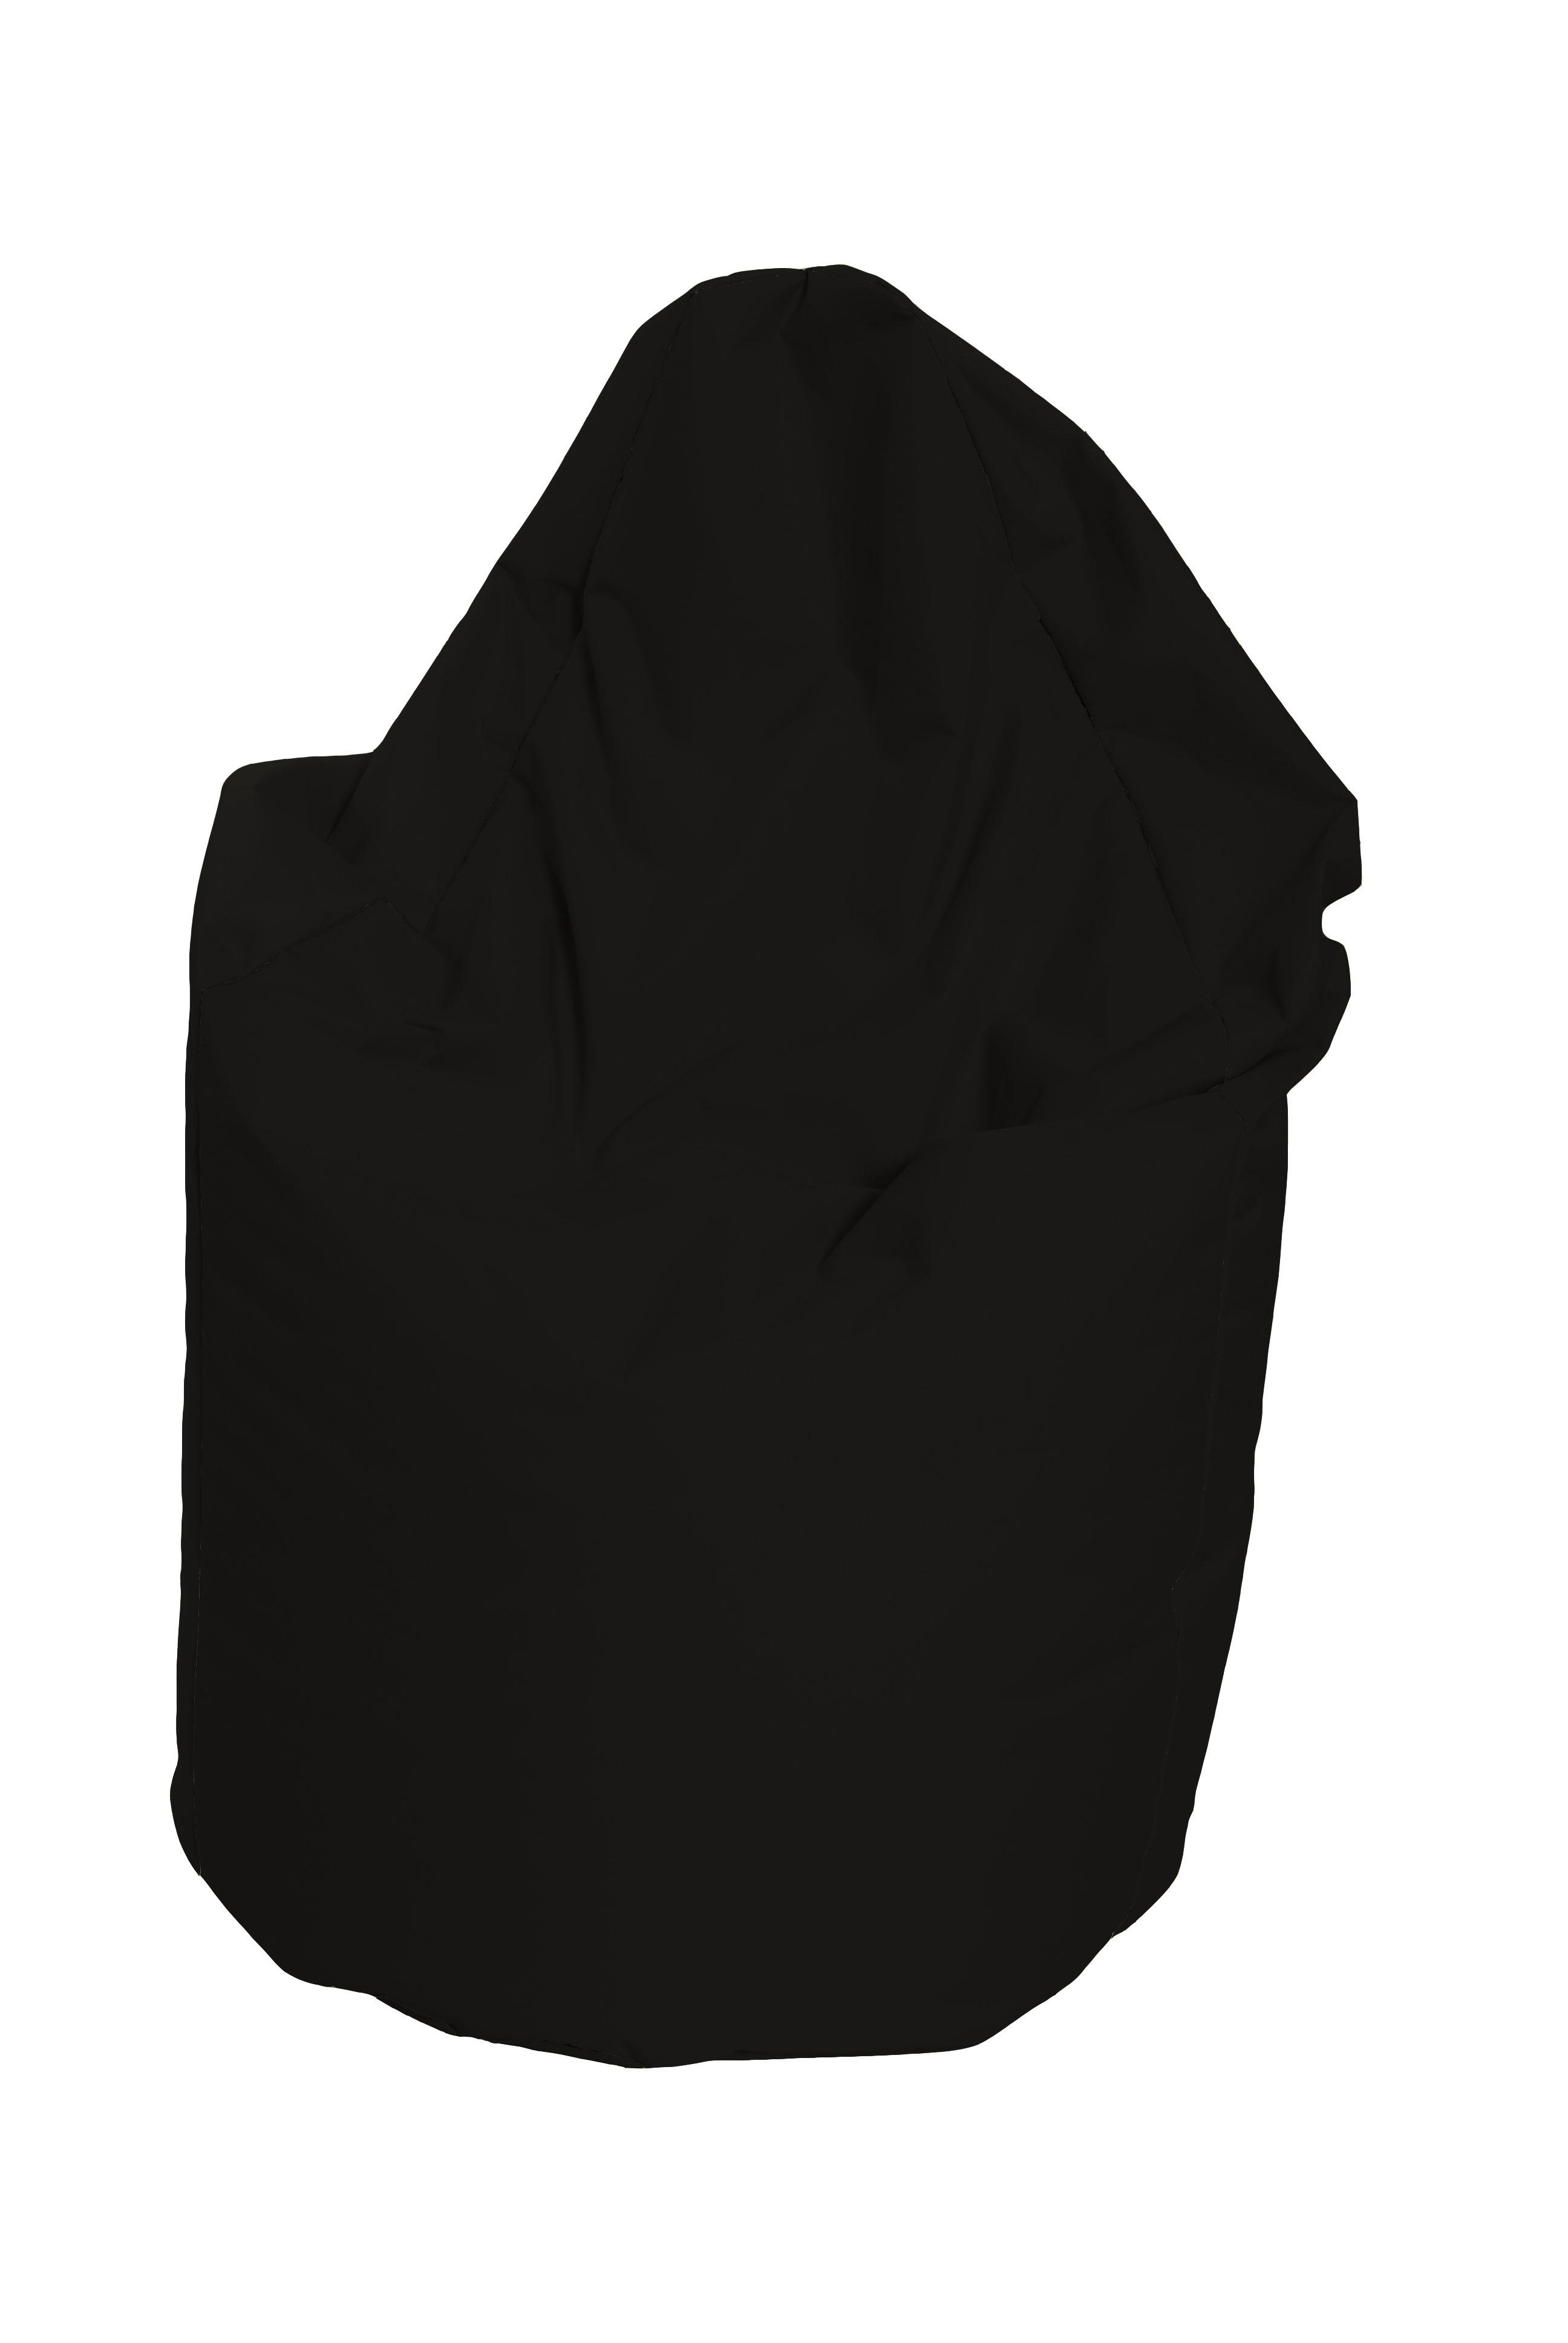 M&M sedací vak hruška Mega vnitřní obal 140x80cm černá (černá 80019)